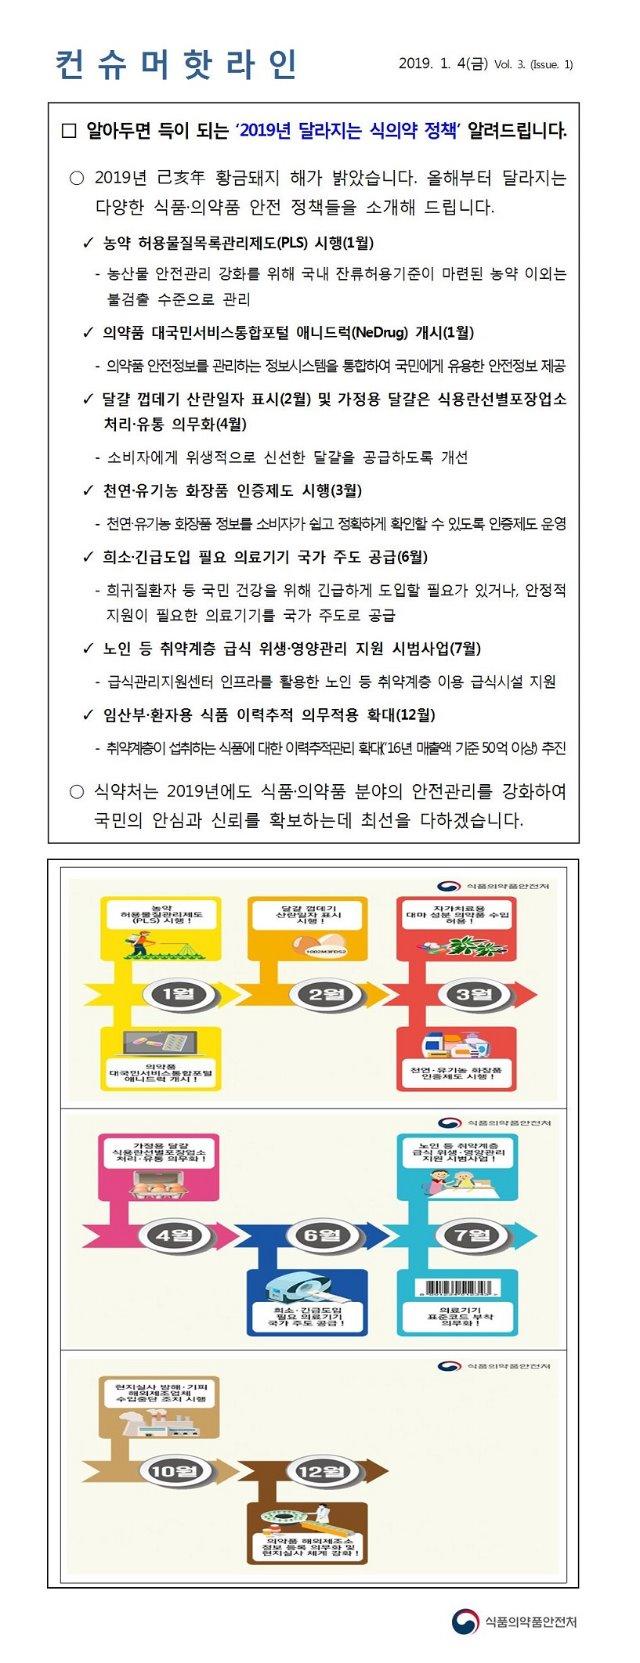 0104컨슈머핫라인(iss1)(2019년달라지는정책알려드립니다.).jpg